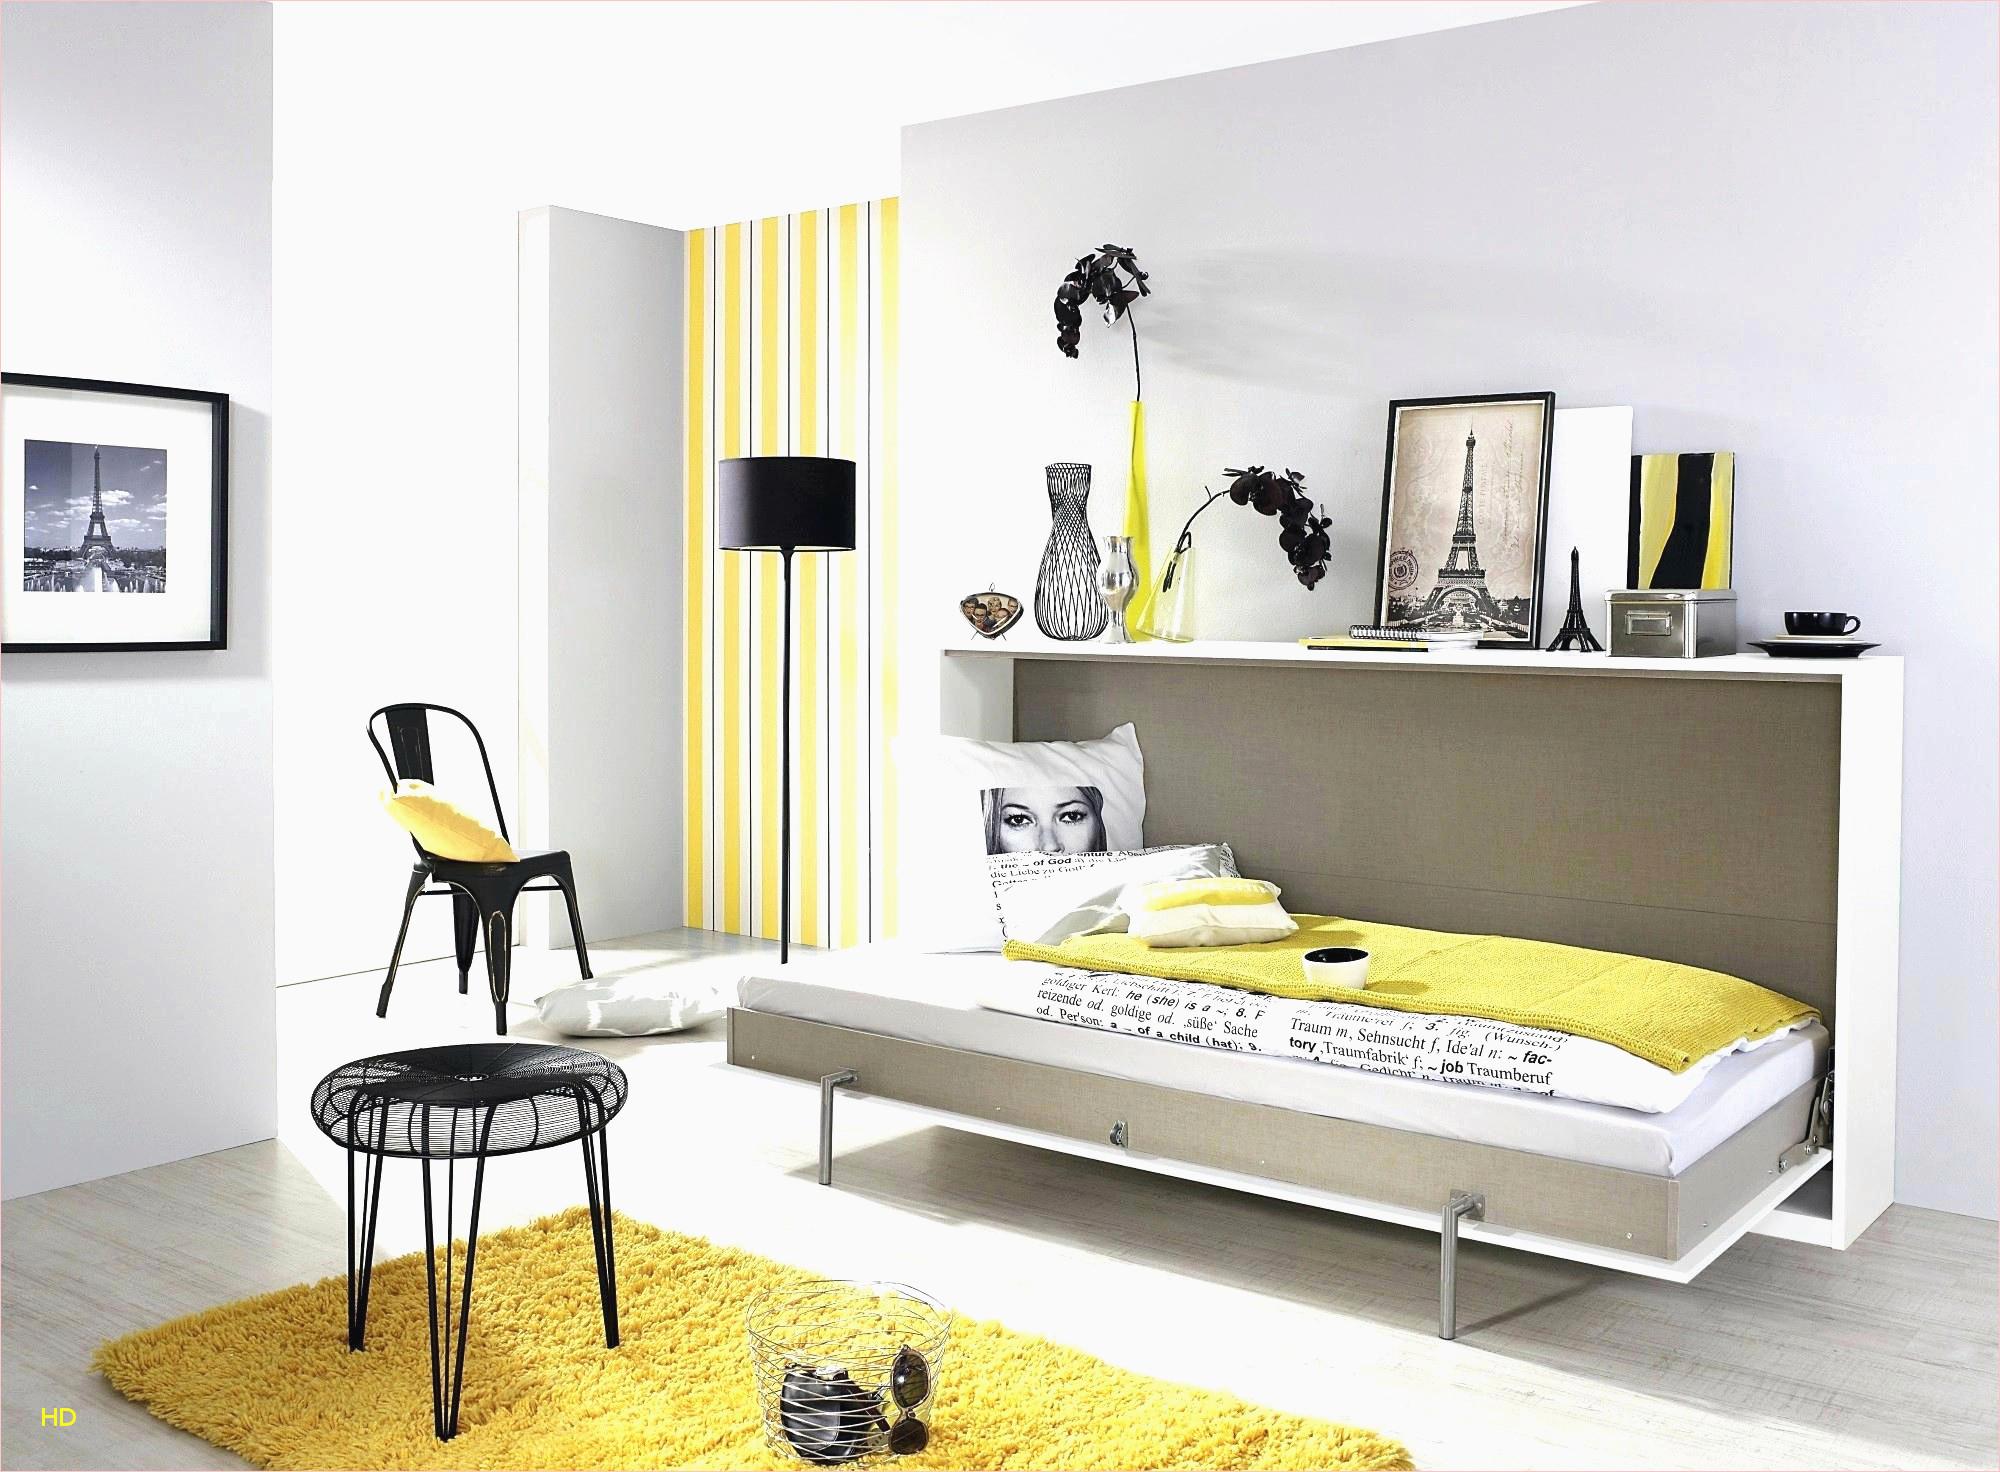 magasin de cuisine surprenant 37 le meilleur de meuble cuisine promo wallpaper on de magasin de cuisine